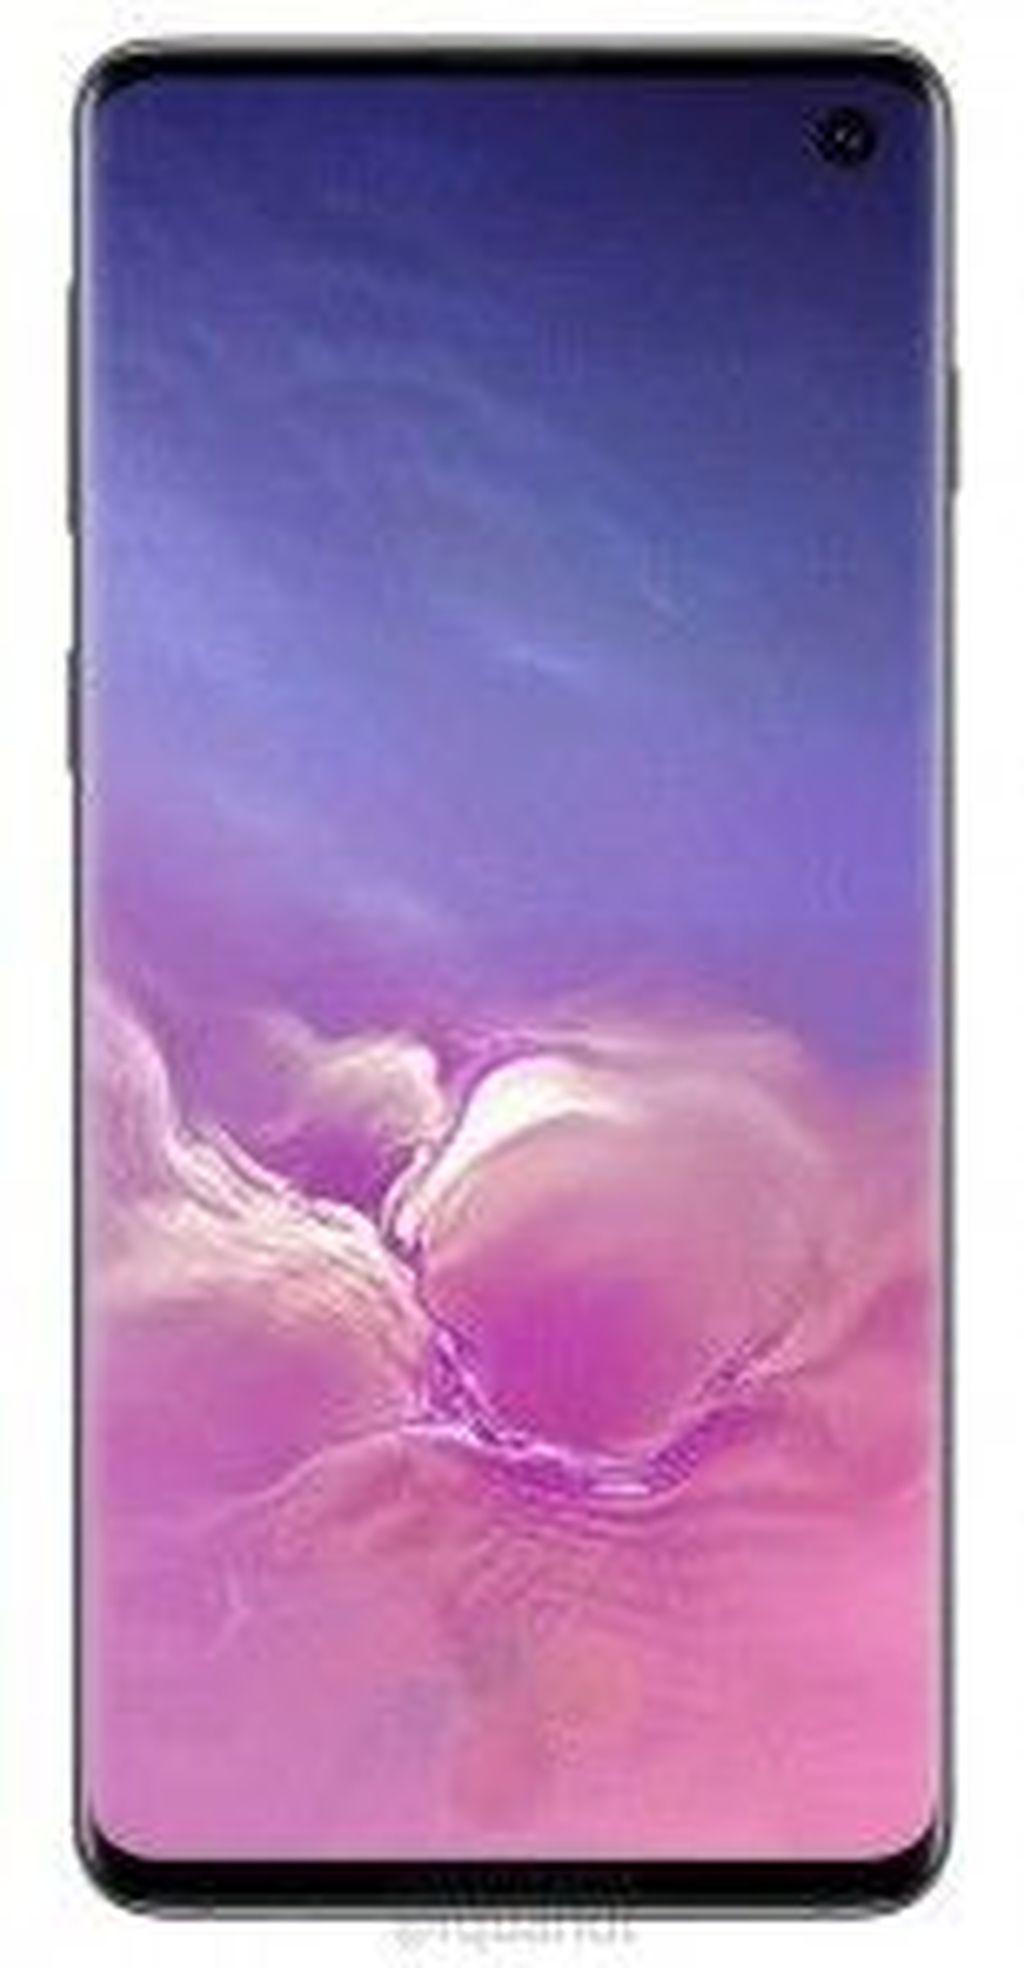 Ini adalah bocoran gambar press render Galaxy S10 yang kemungkinan sudah akurat dan final. Tampak bagian depan Galaxy S10 dengan kamera selfie tunggal tertanam di layar. Foto: Winfuture